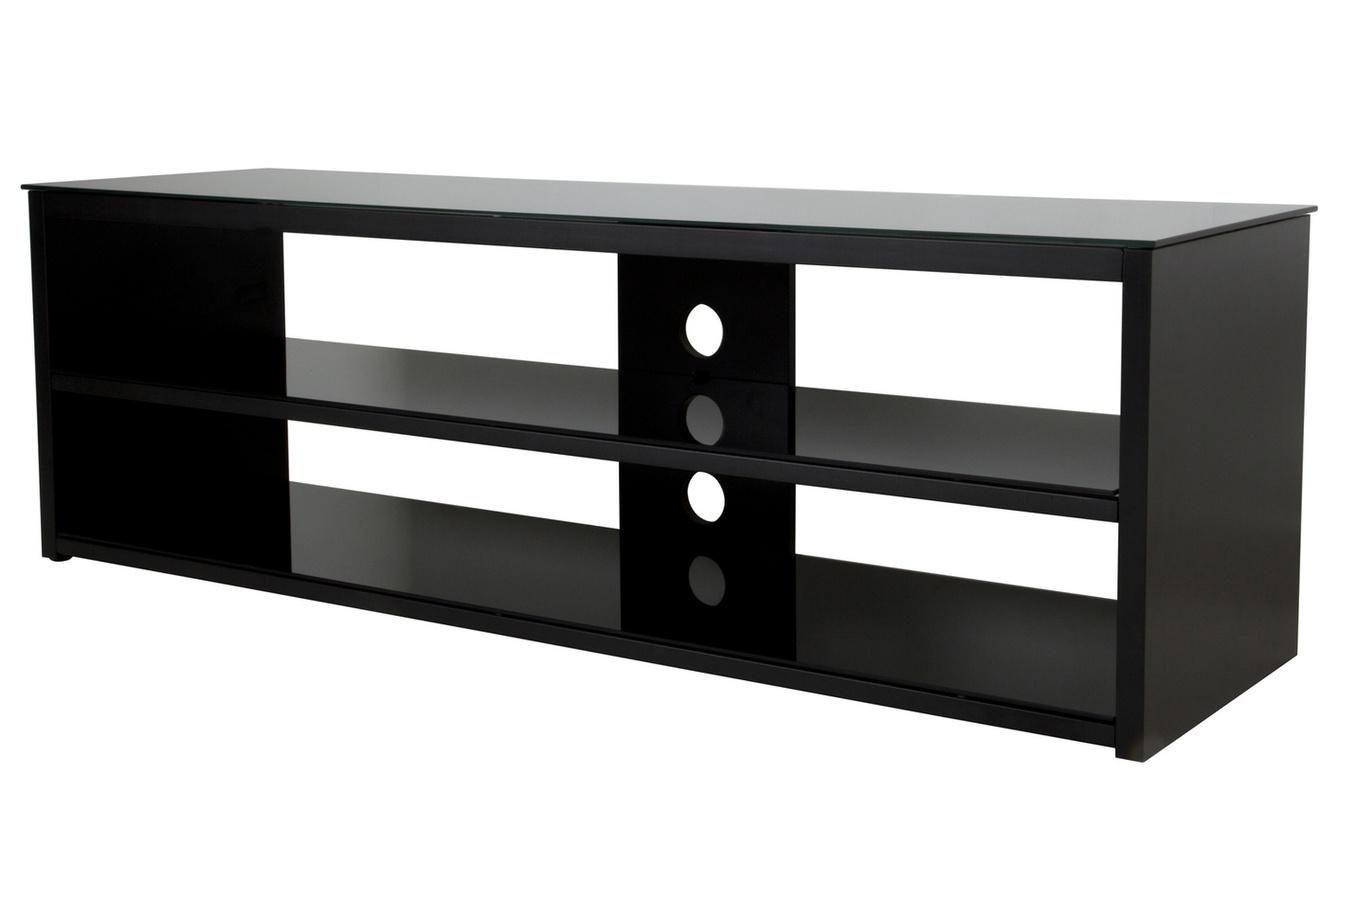 meuble tv darty maison et mobilier d 39 int rieur. Black Bedroom Furniture Sets. Home Design Ideas